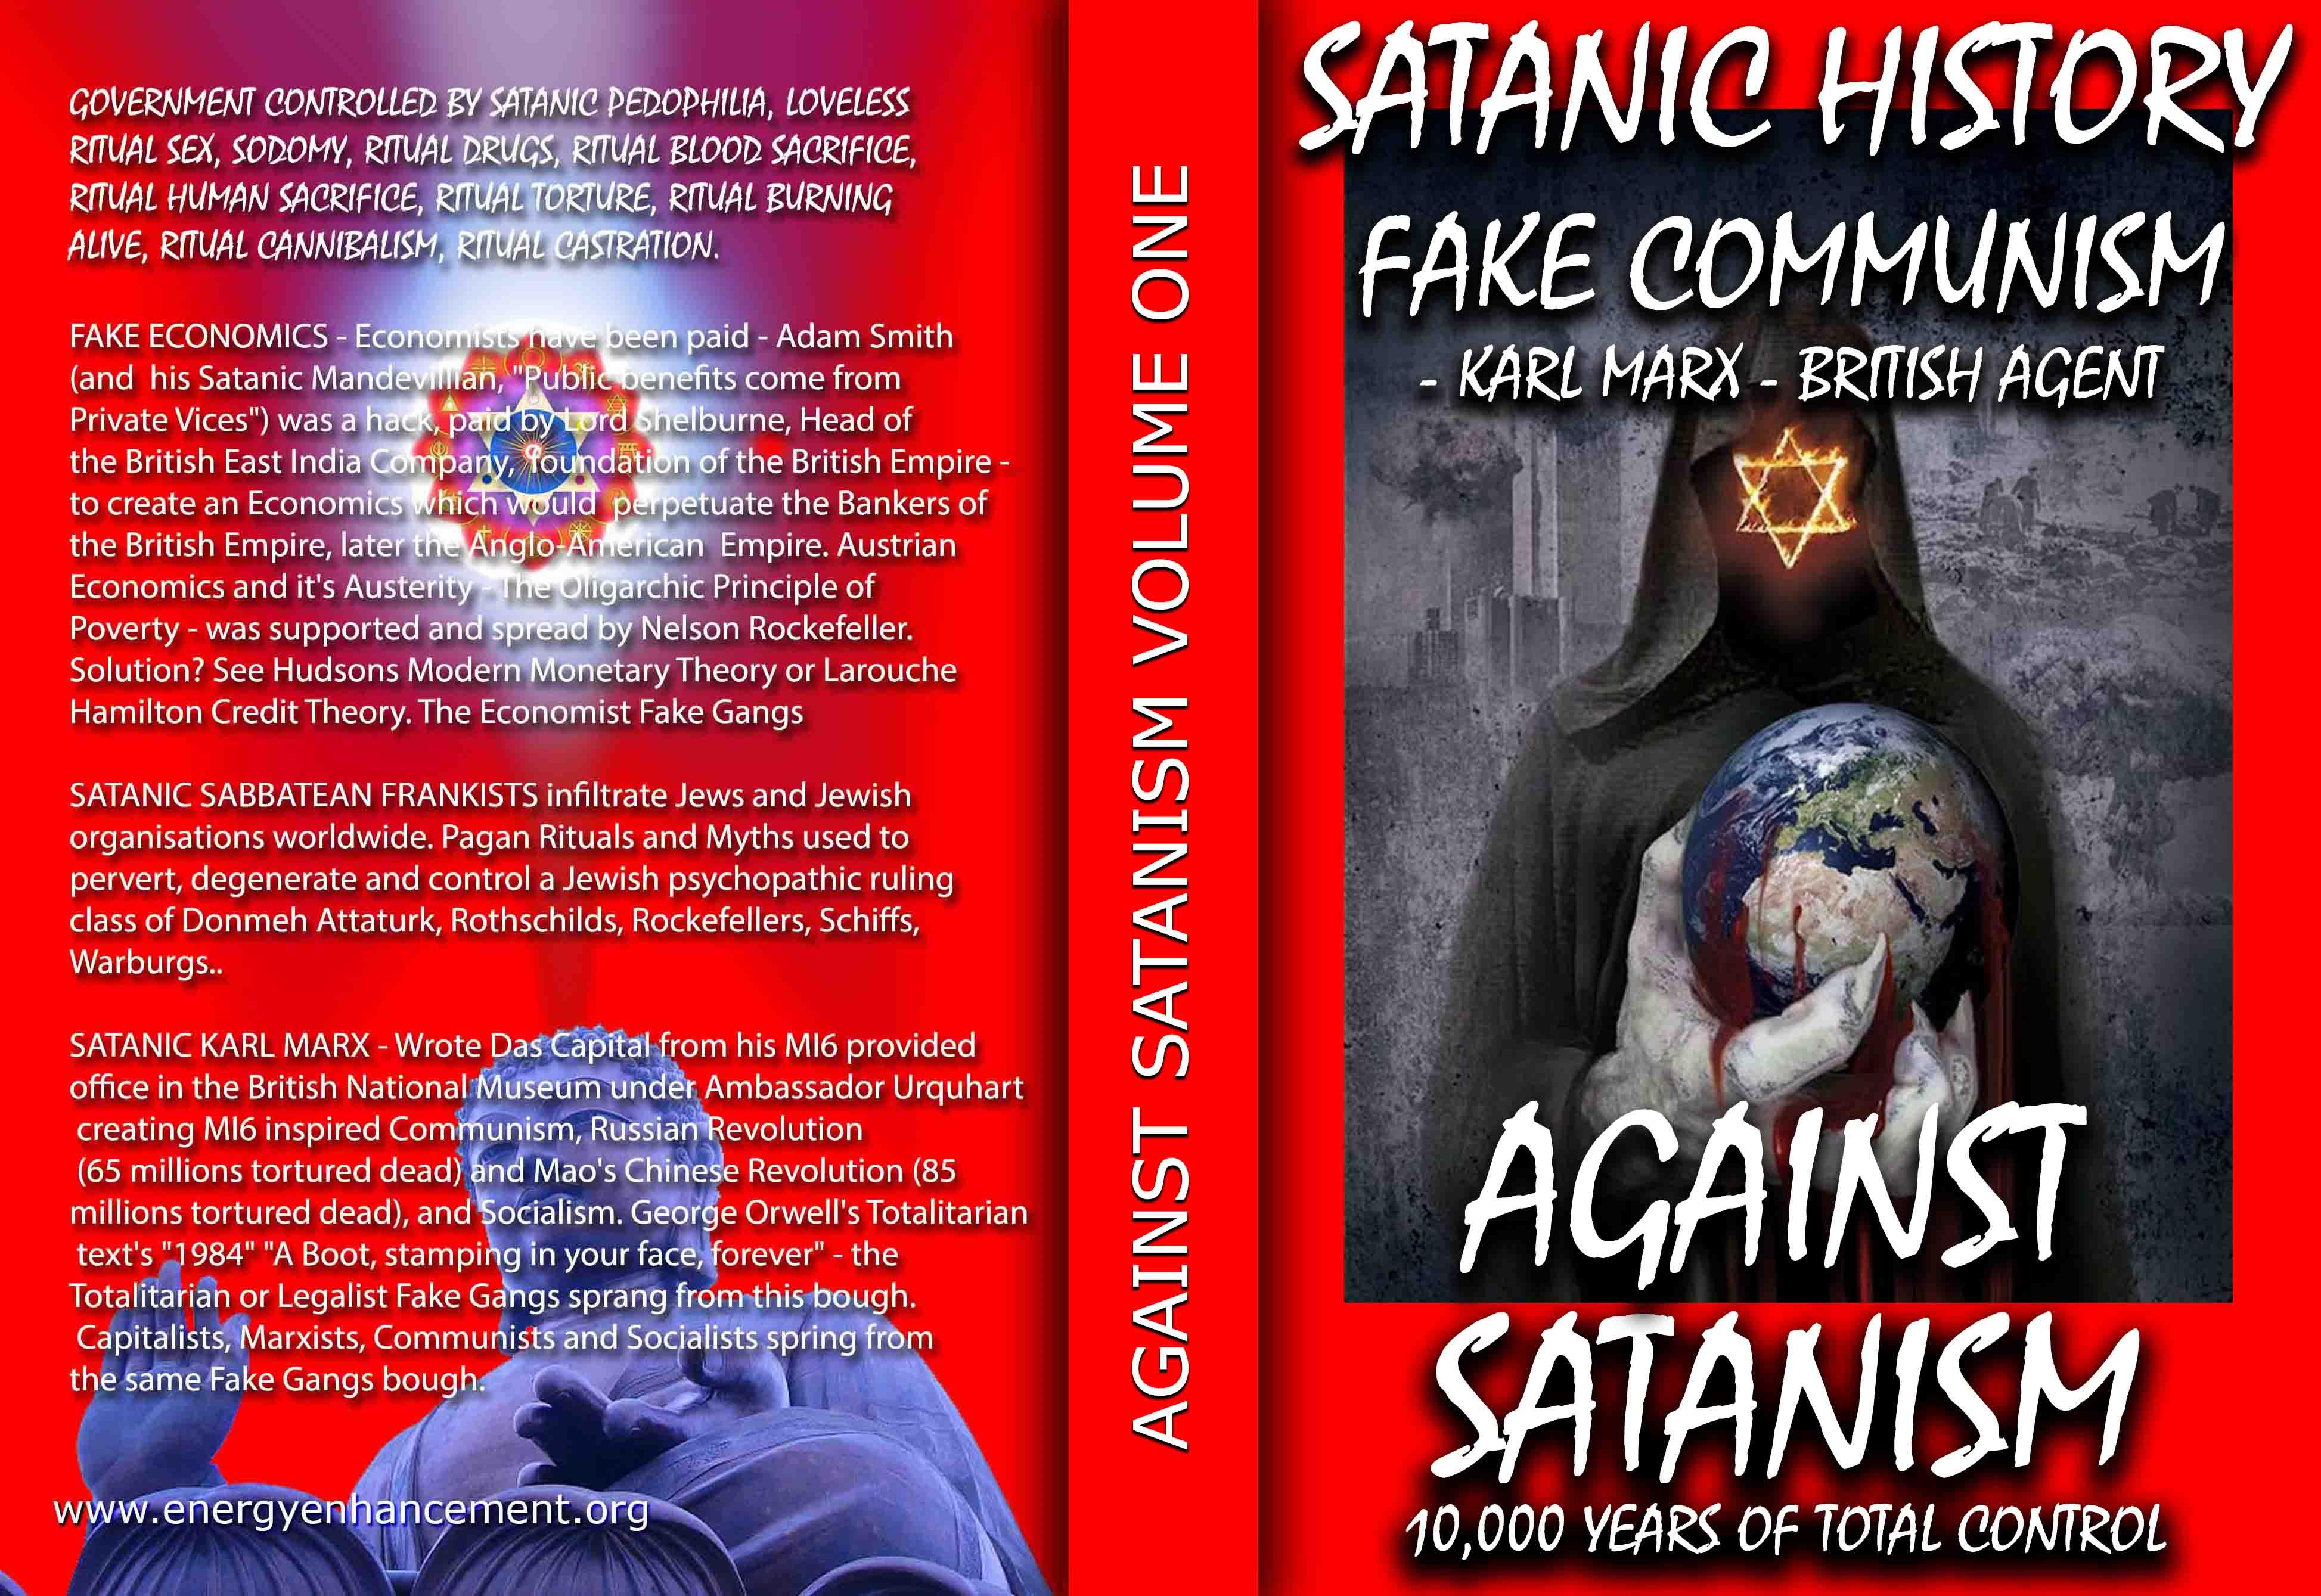 Description: Description: C:\wnew\Sacred-Energy\Against-Satanism\Satanism-Book-Vol-1-final.jpg